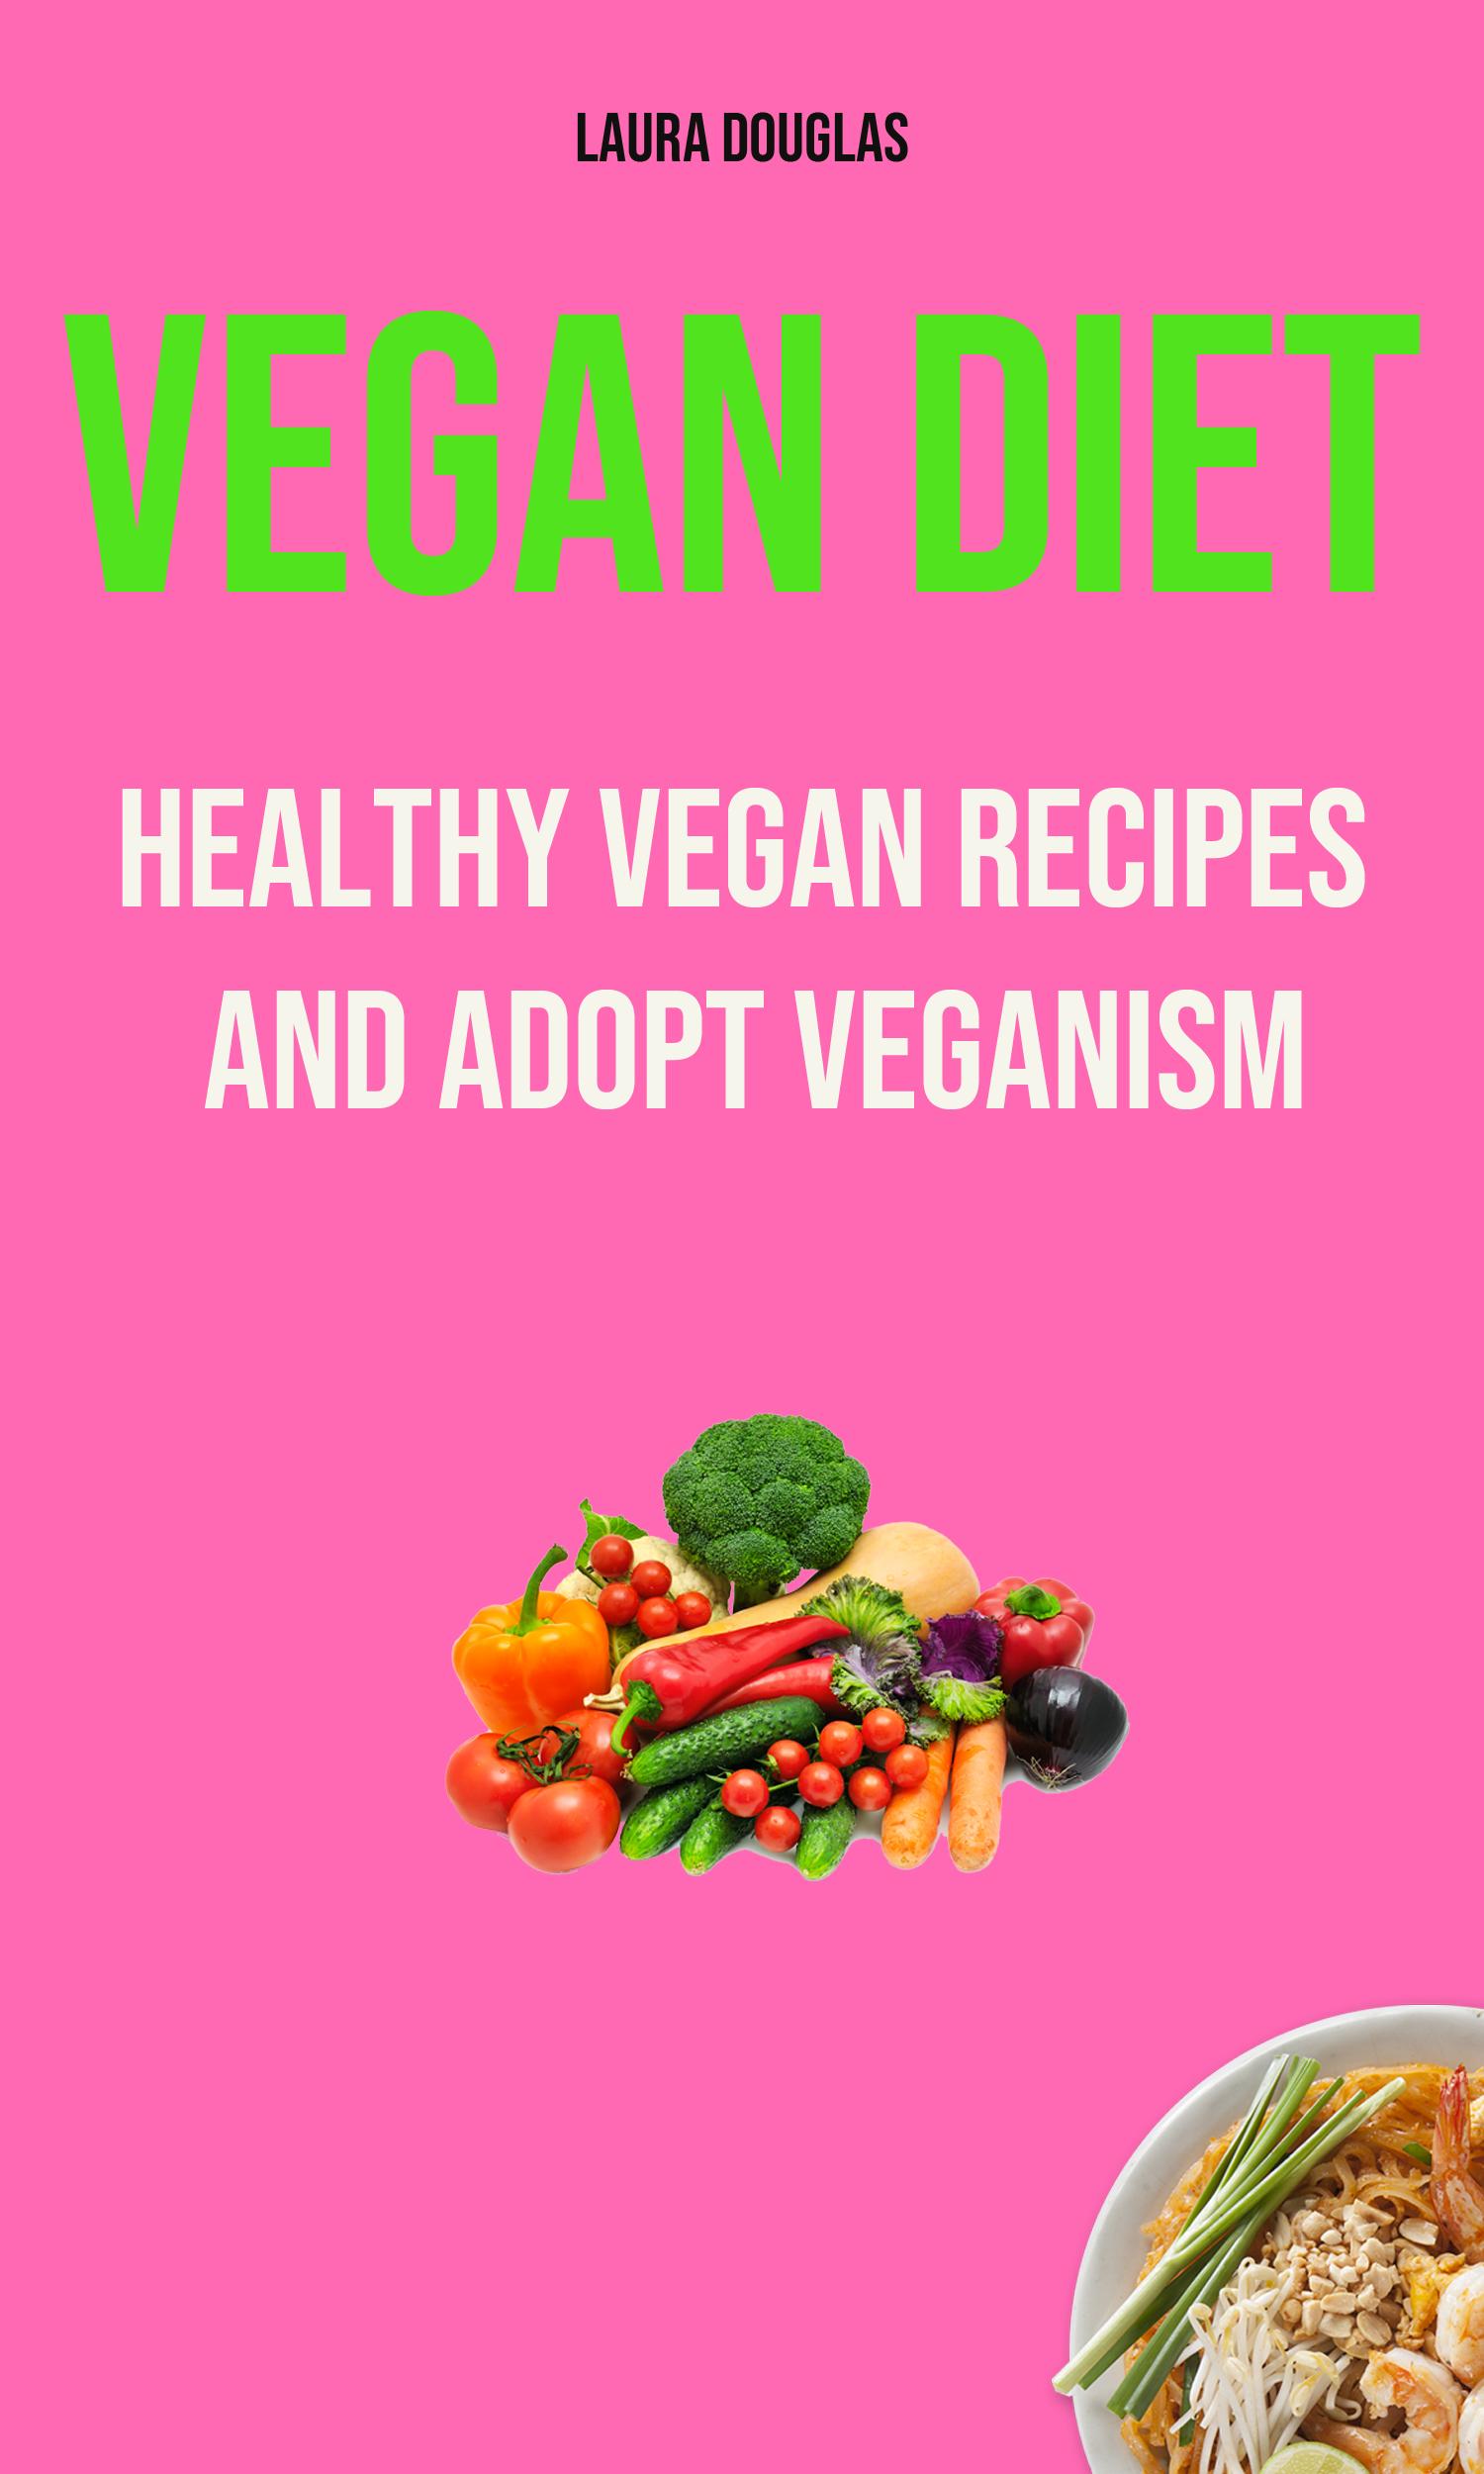 Vegan diet: healthy vegan recipes and adopt veganism